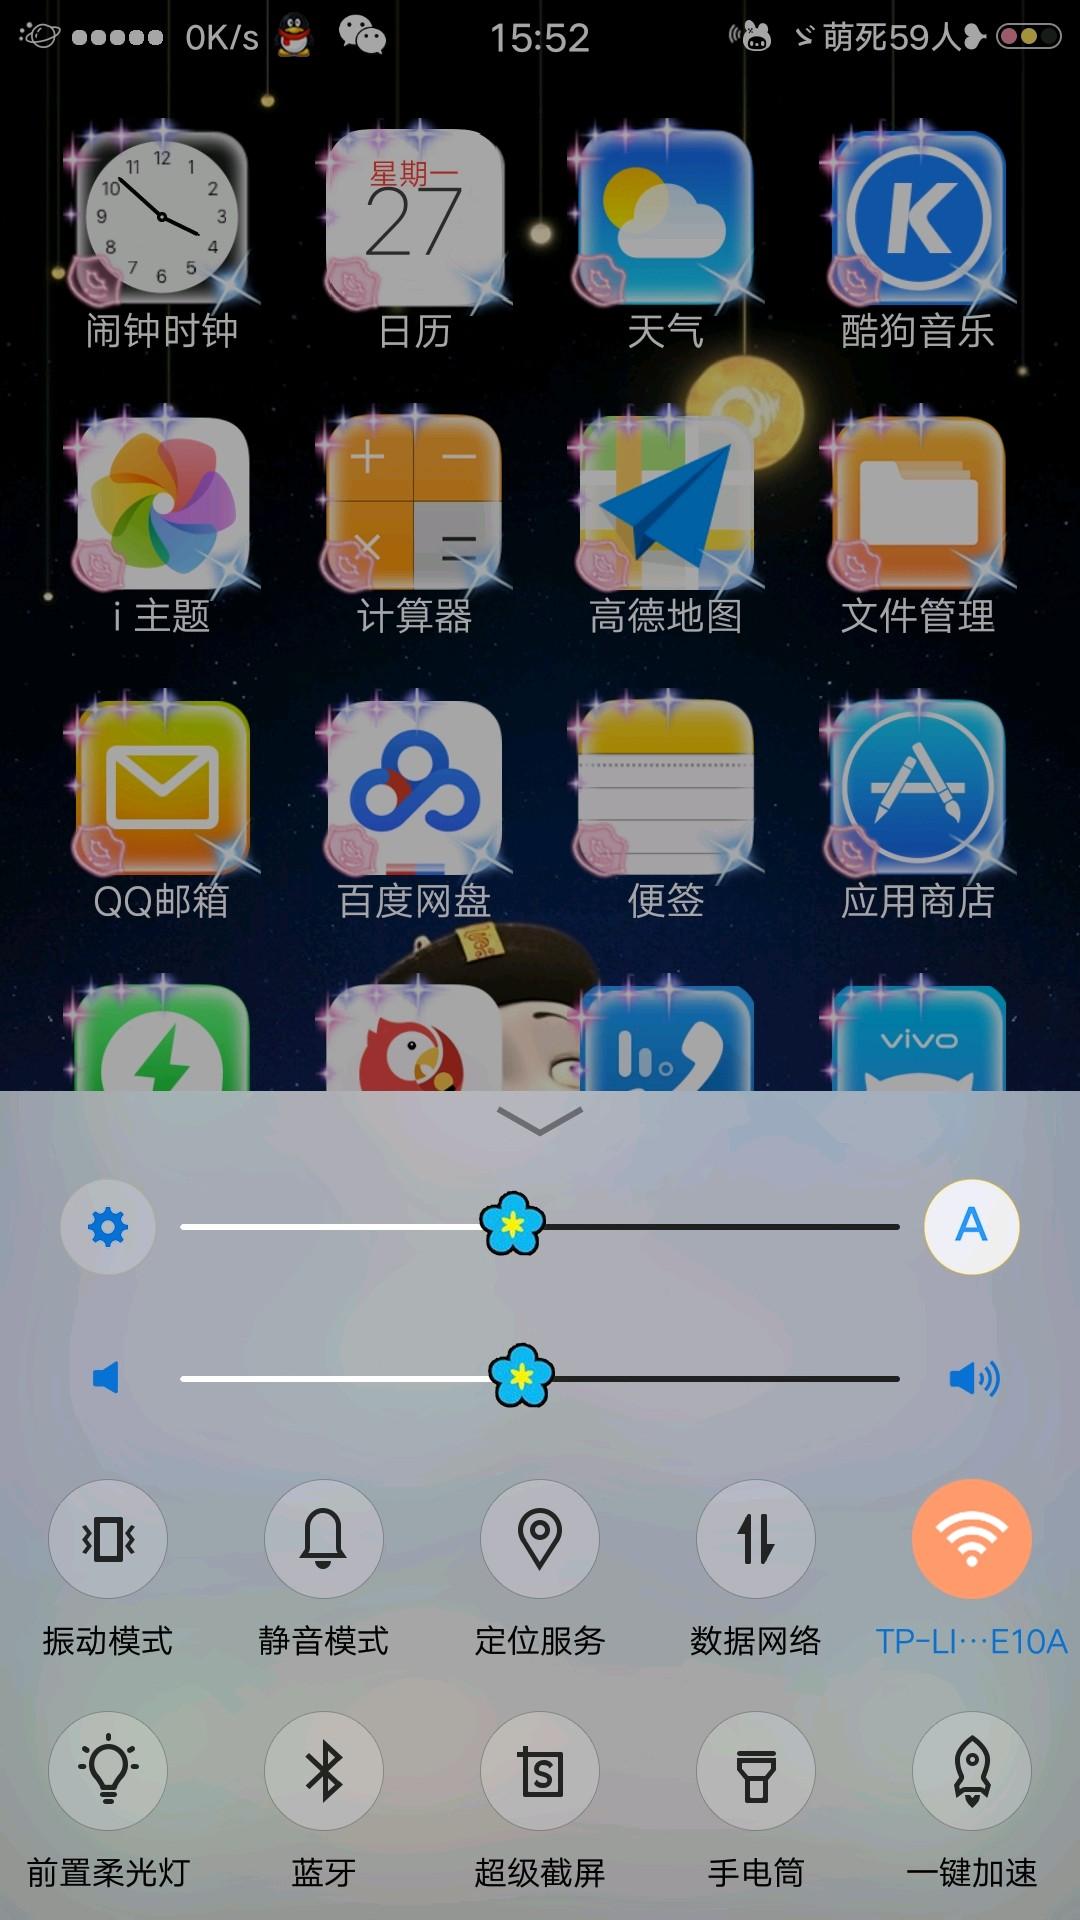 【x7】萌死了(图标ios状态栏透明拨号界面美化)(*^.^*